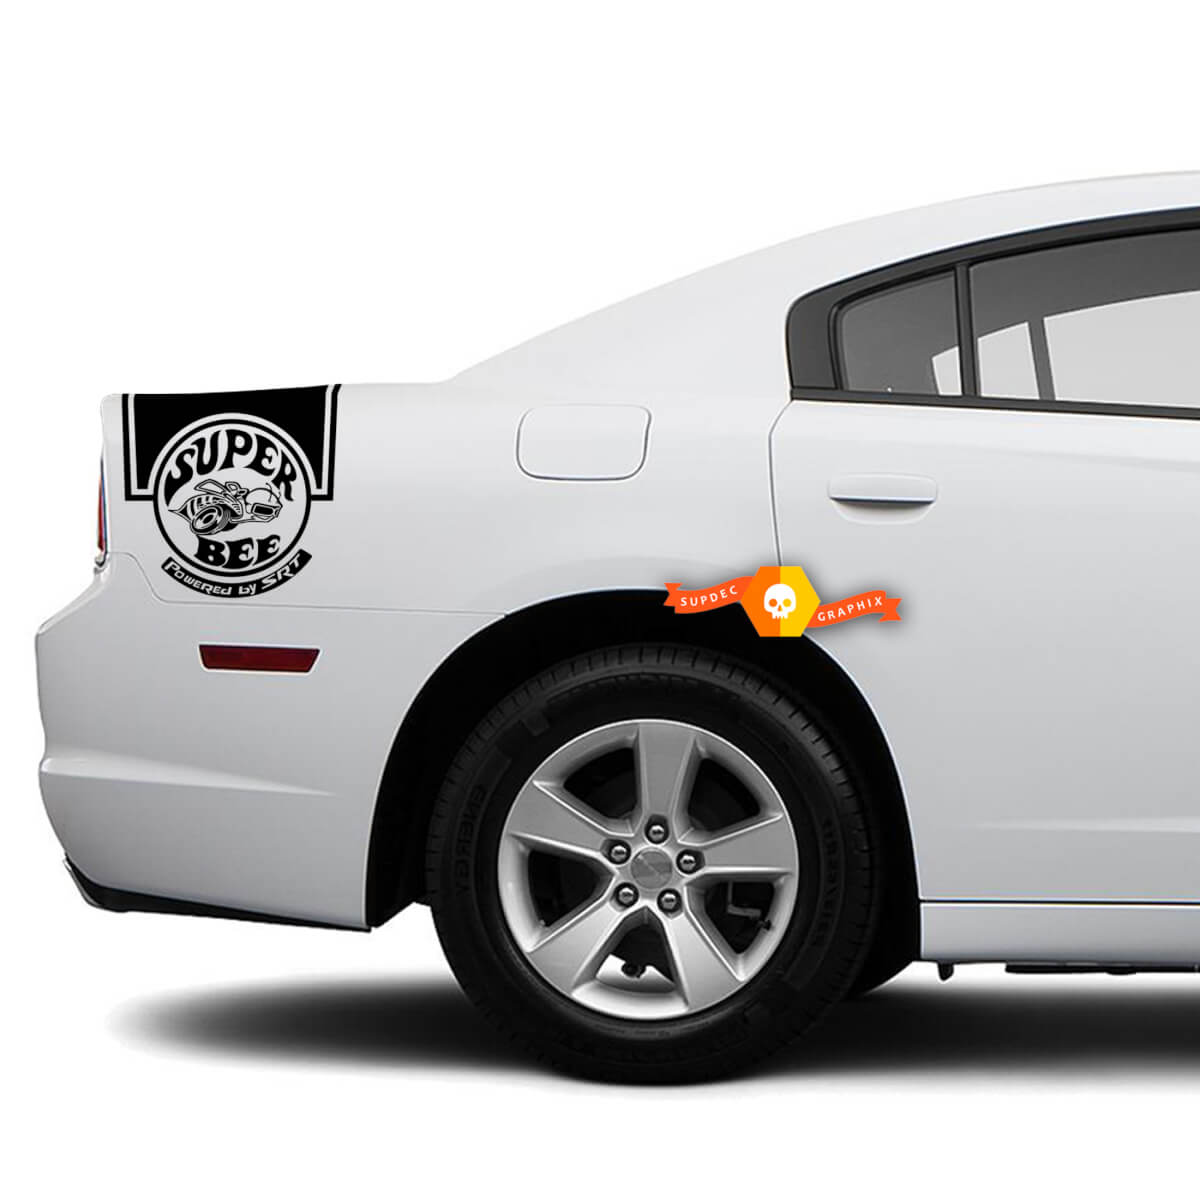 Dodge Charger Rückseite Band Aufkleber Aufkleber Super Bee SRT Grafik passt zu Modellen 2011-2014